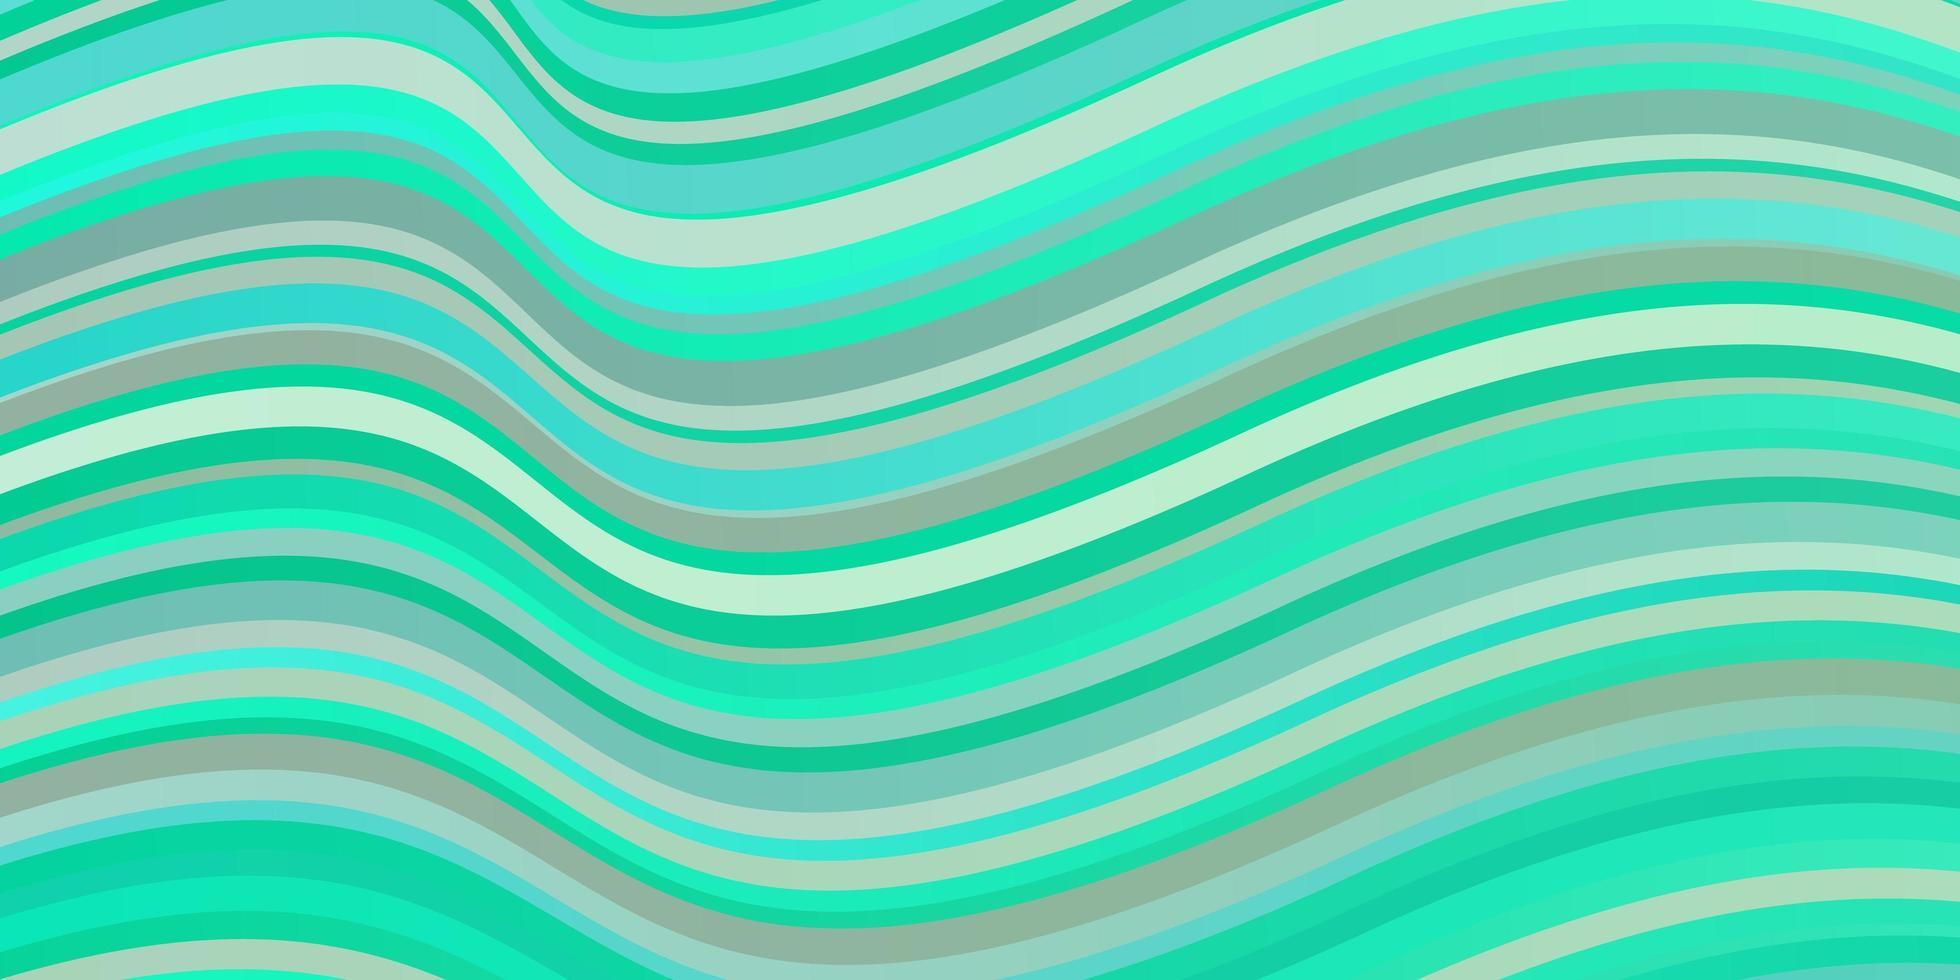 ljusgrön bakgrund med sneda linjer. vektor